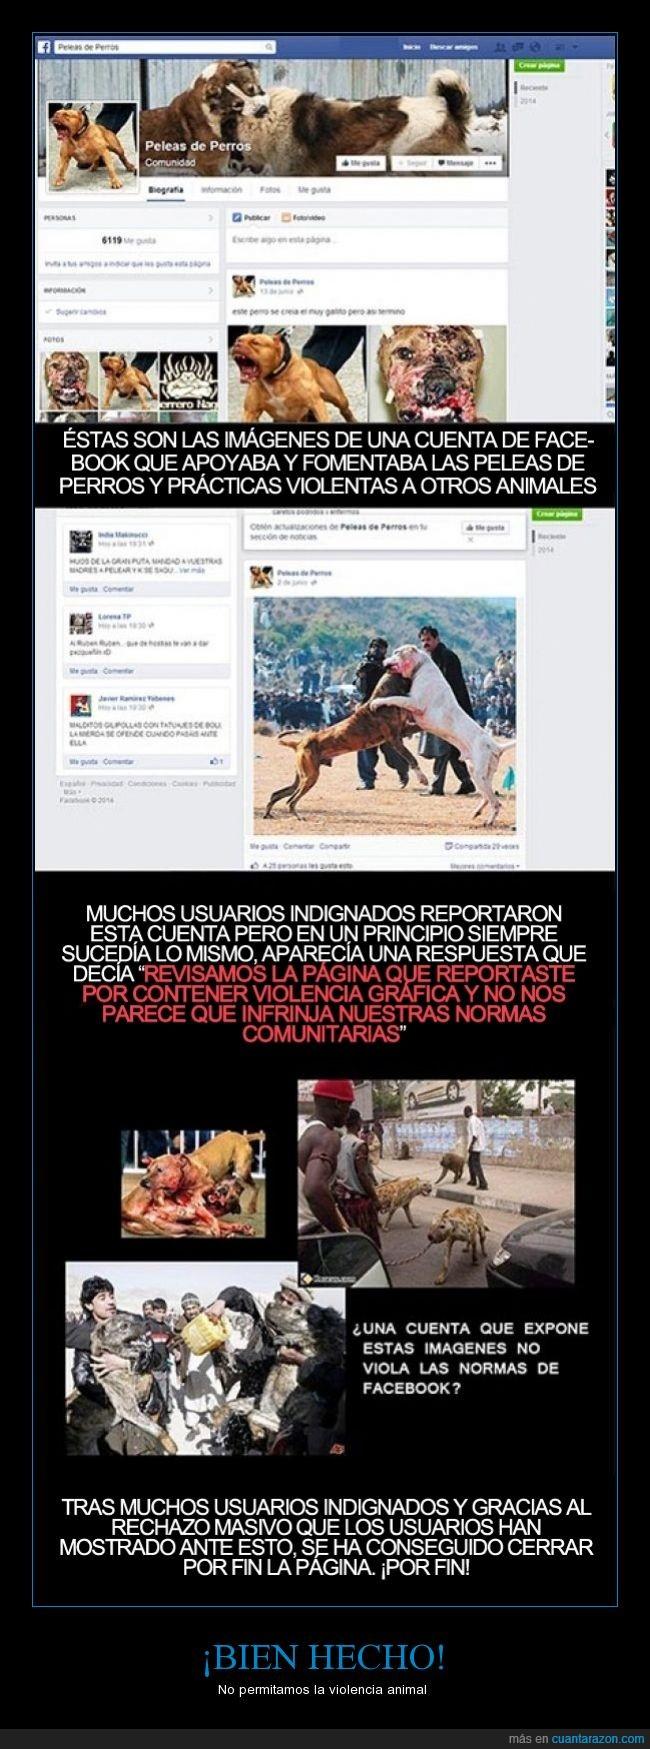 animal,cruel,facebook,fotografia,imagen,norma,peleas,perro,violencia,violenta